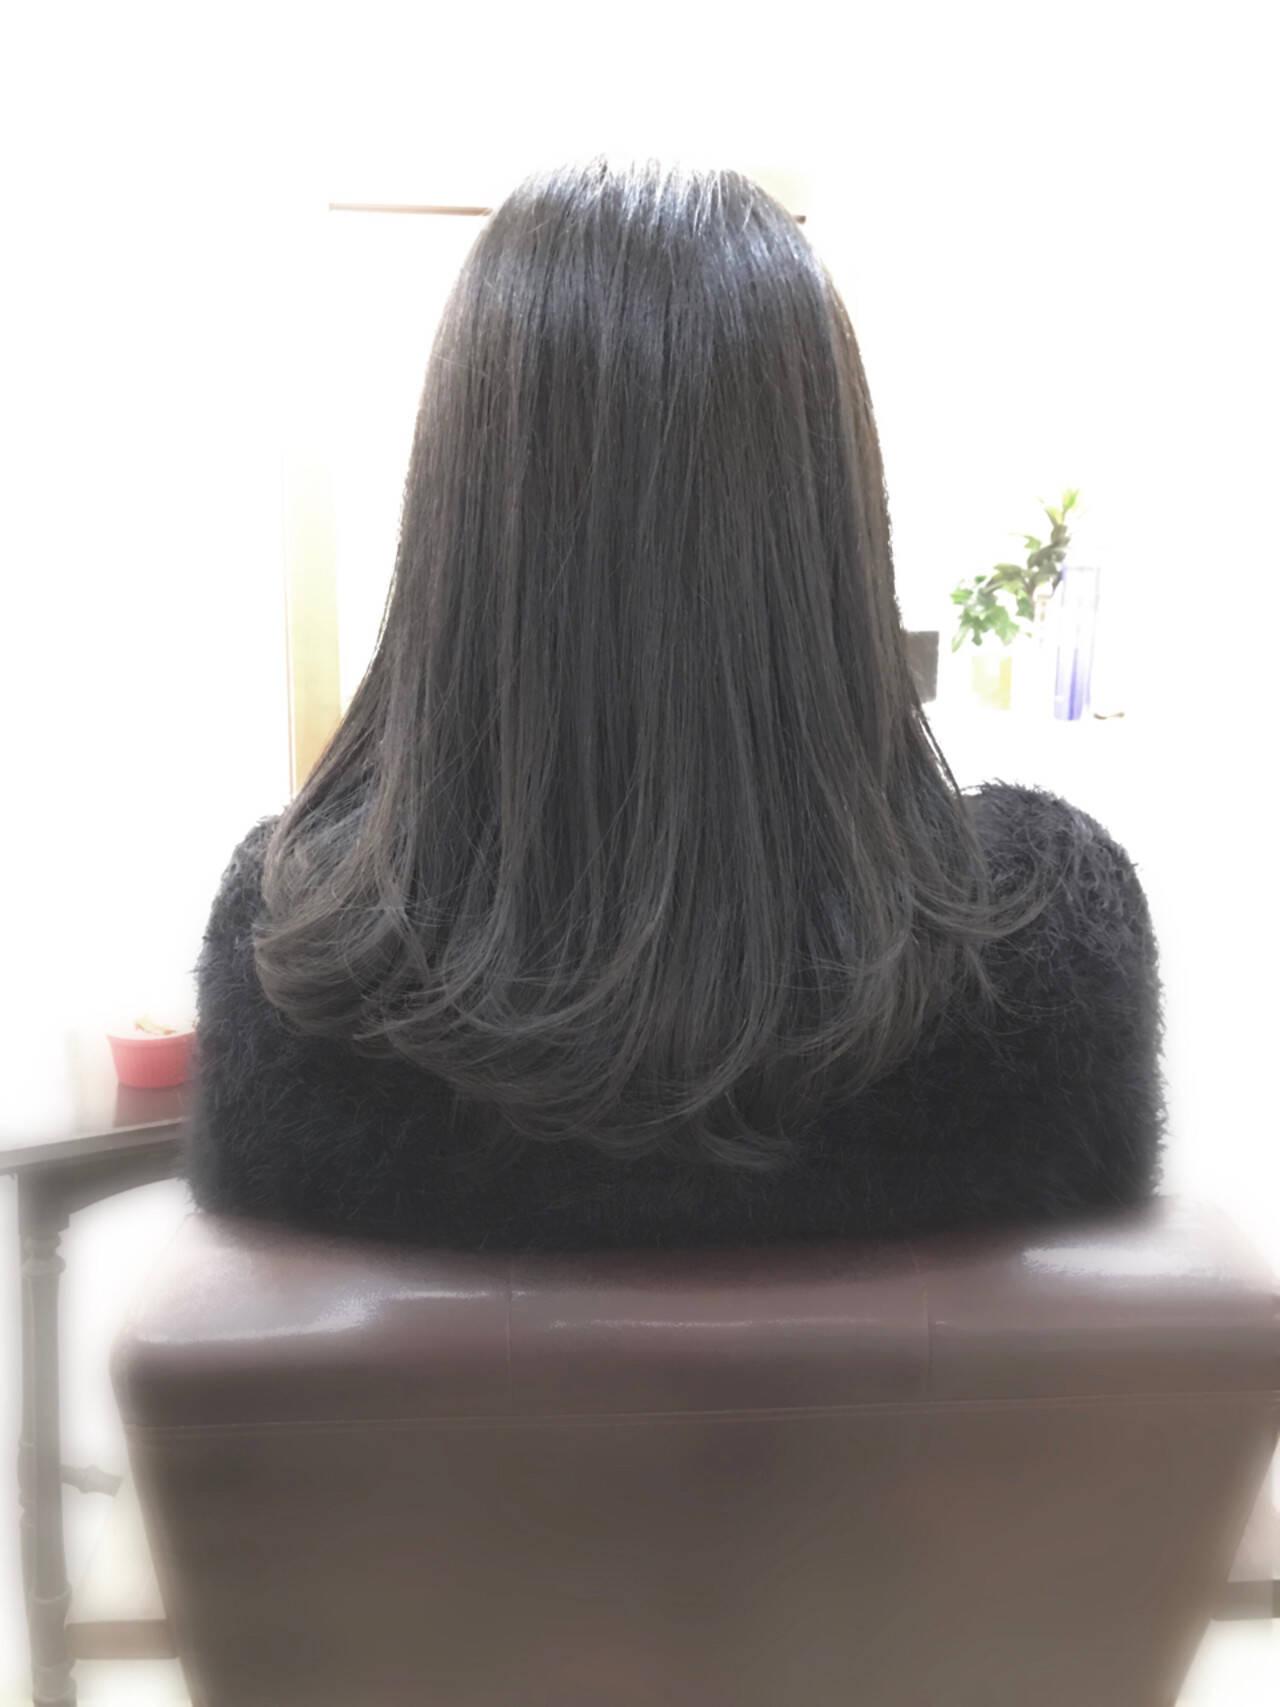 アッシュ パープル ナチュラル グレーアッシュヘアスタイルや髪型の写真・画像